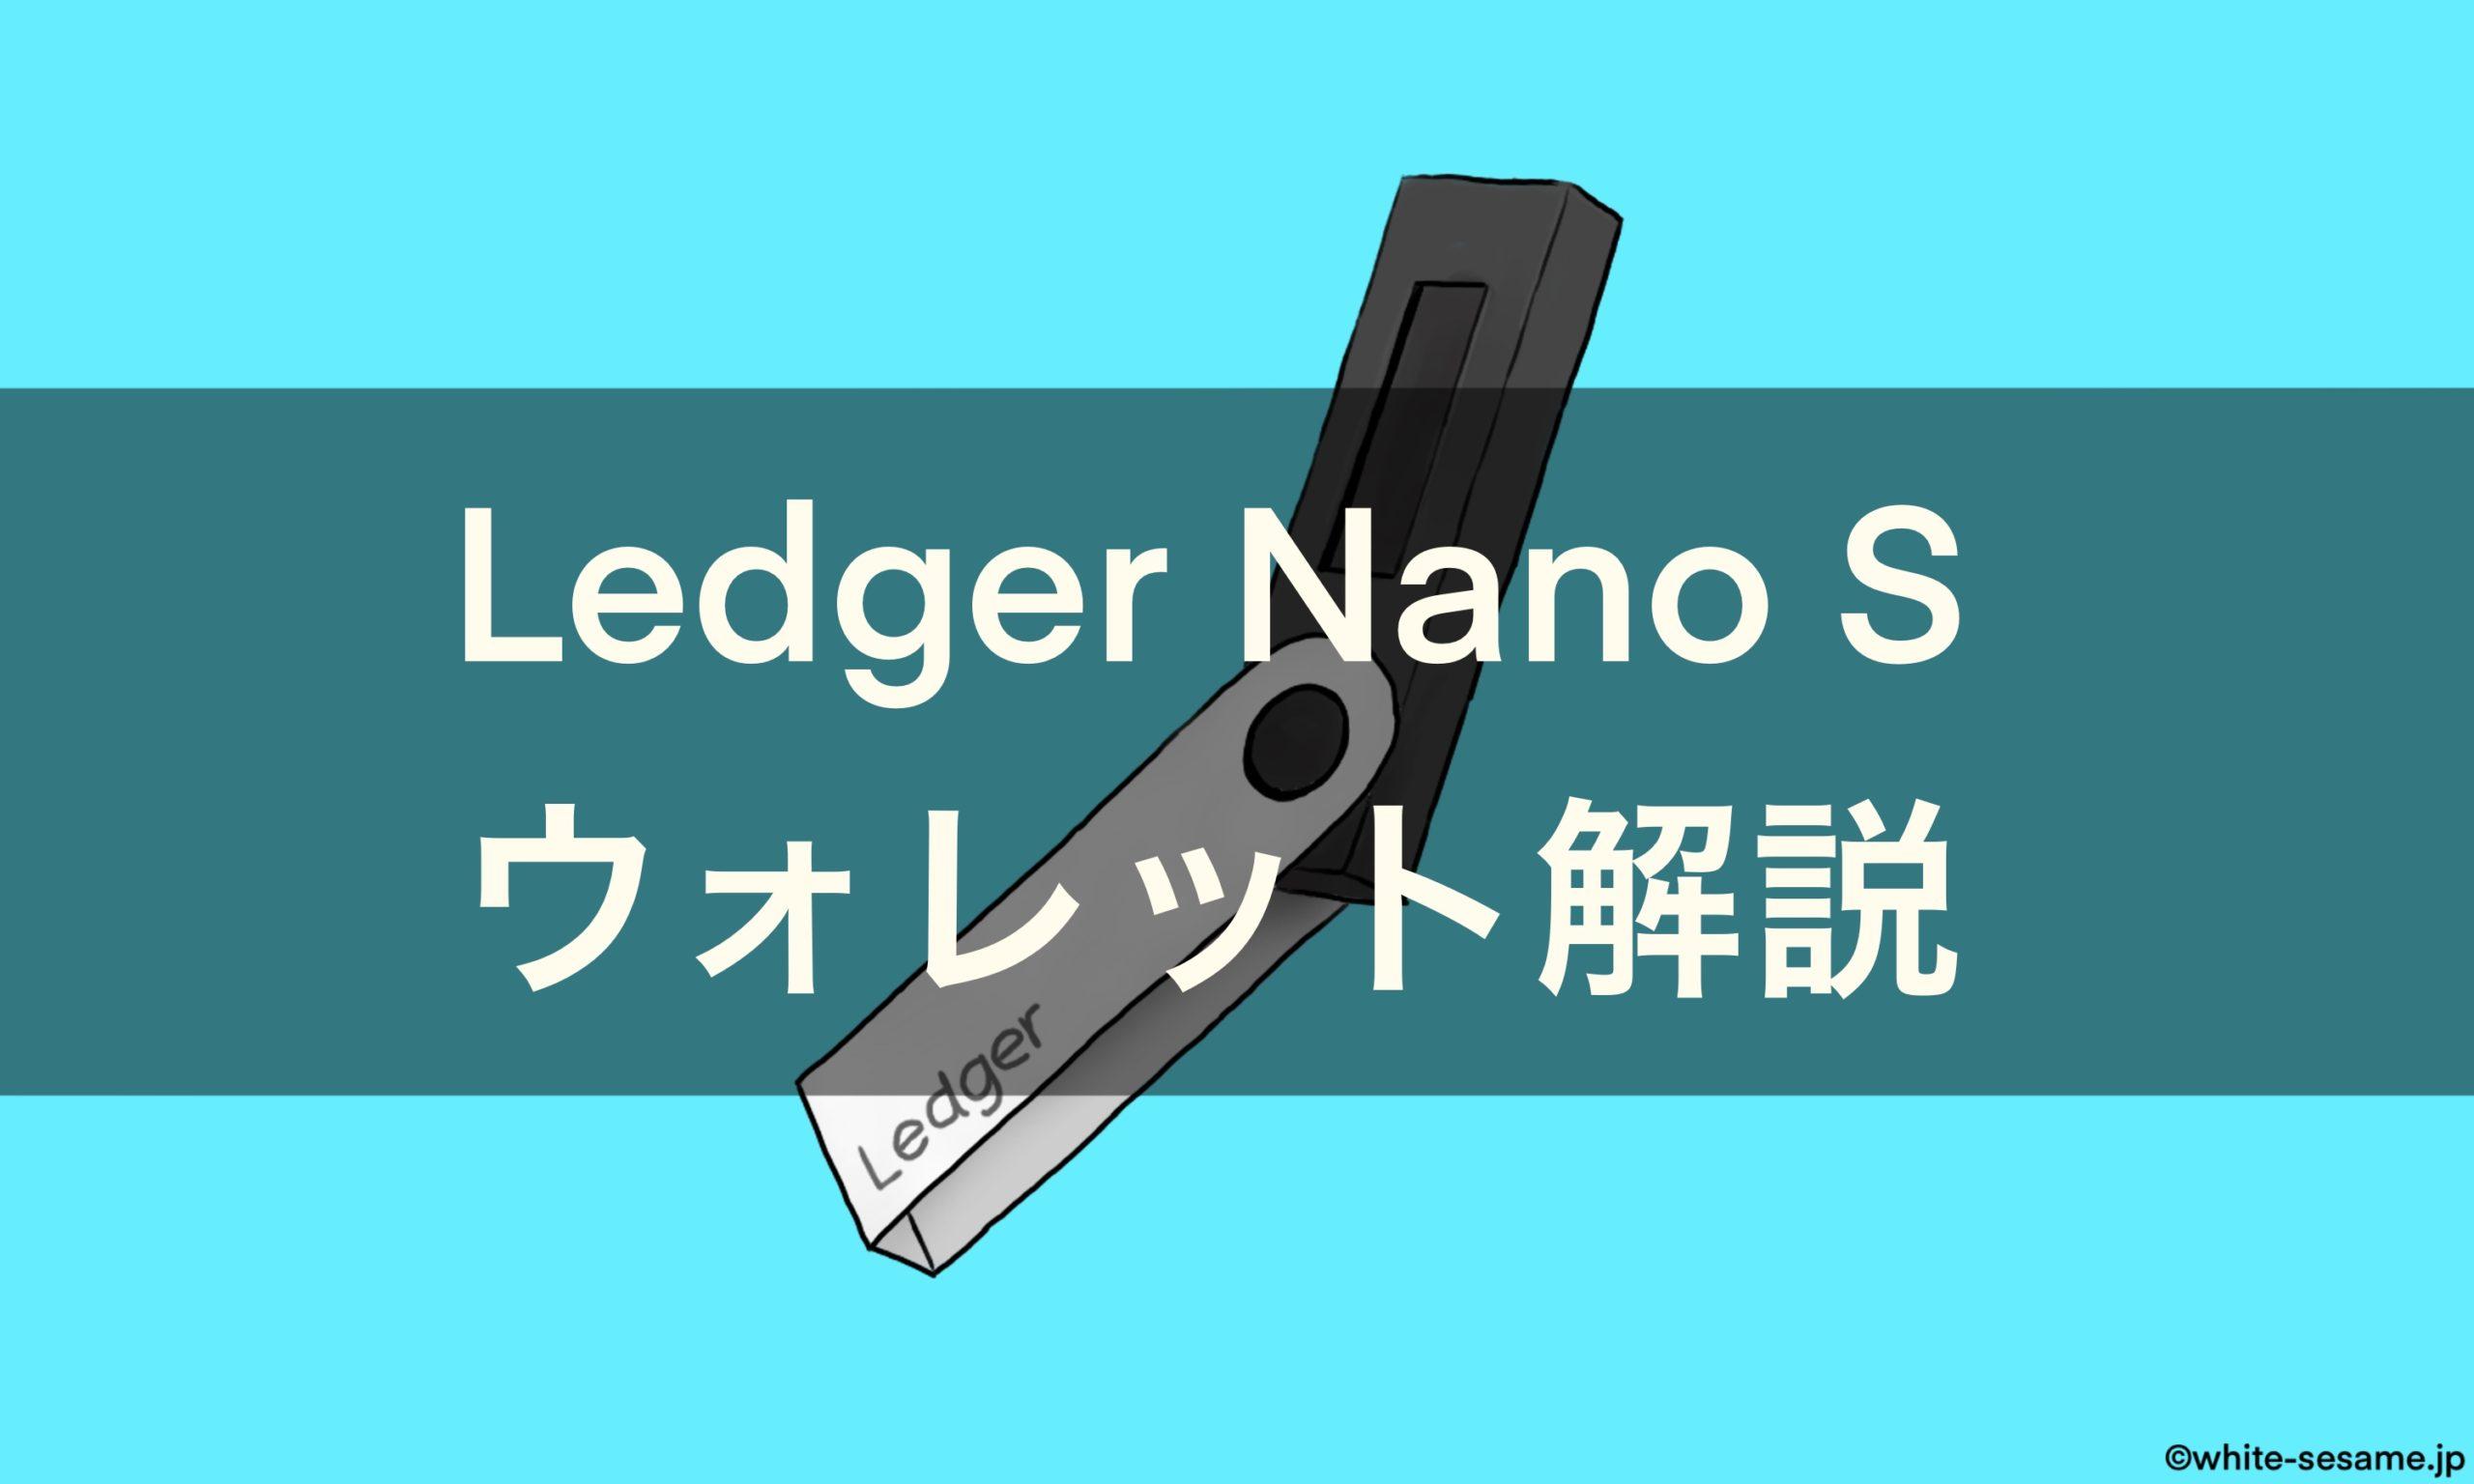 Ledger Nano Sウォレット解説